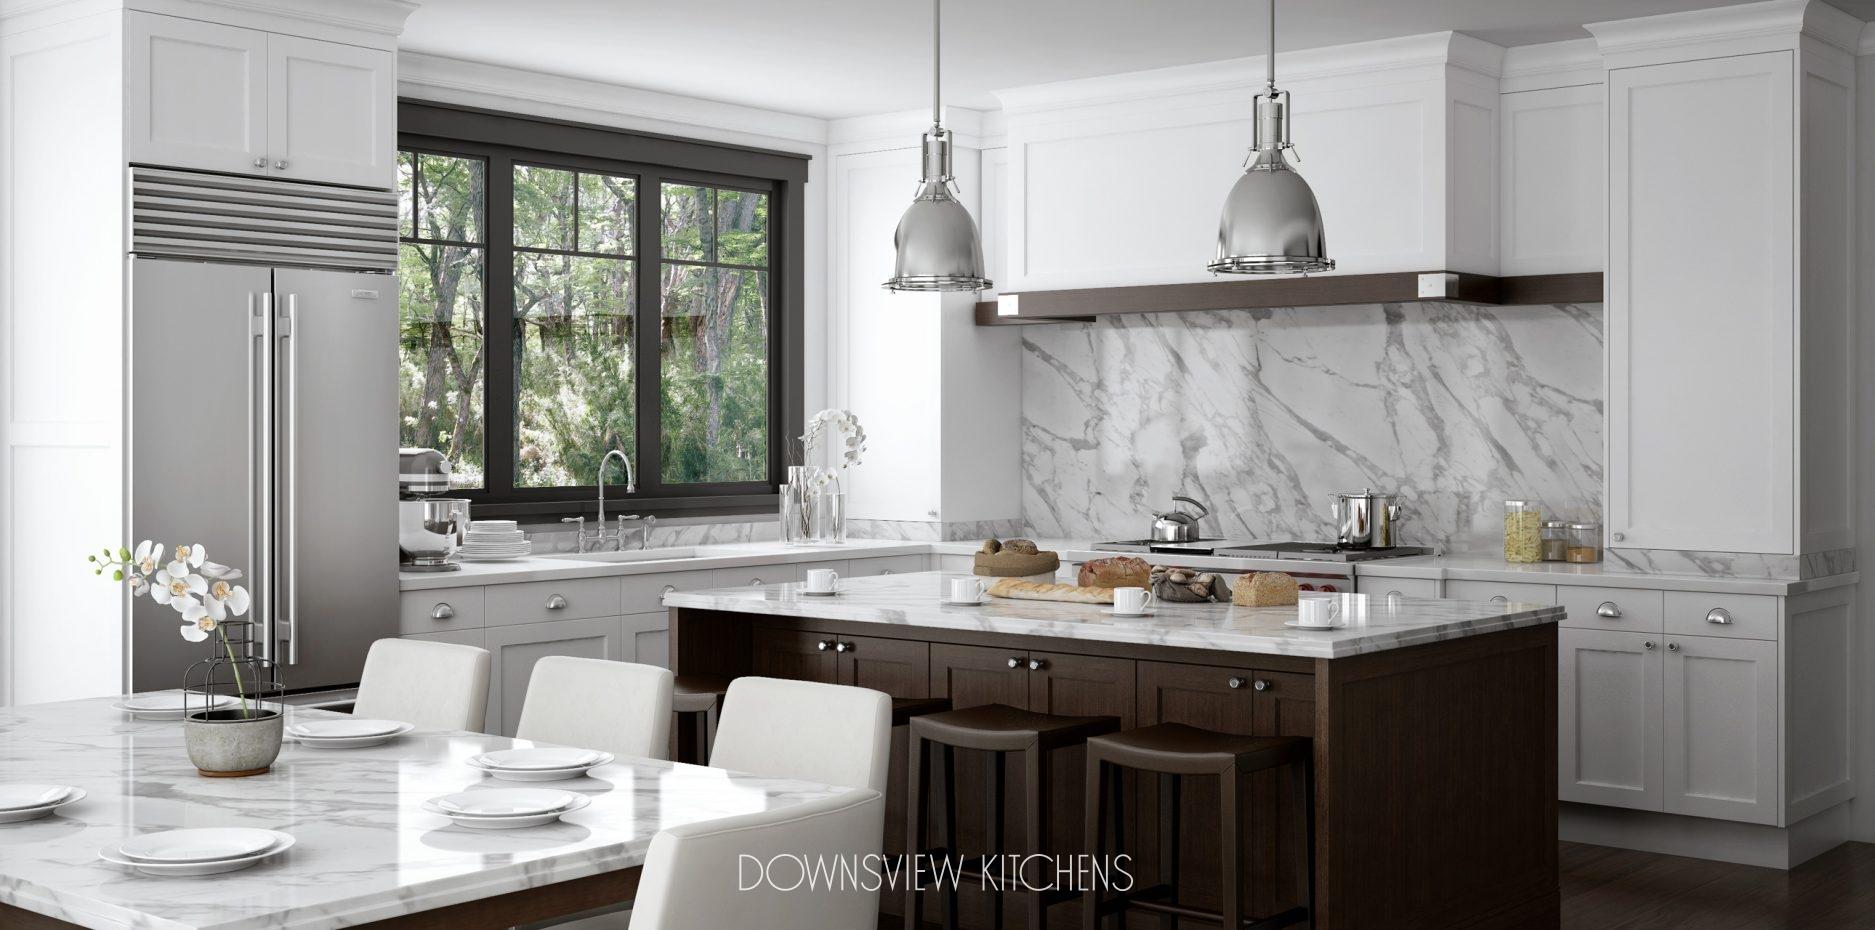 New Kitchen Design Trends 2017